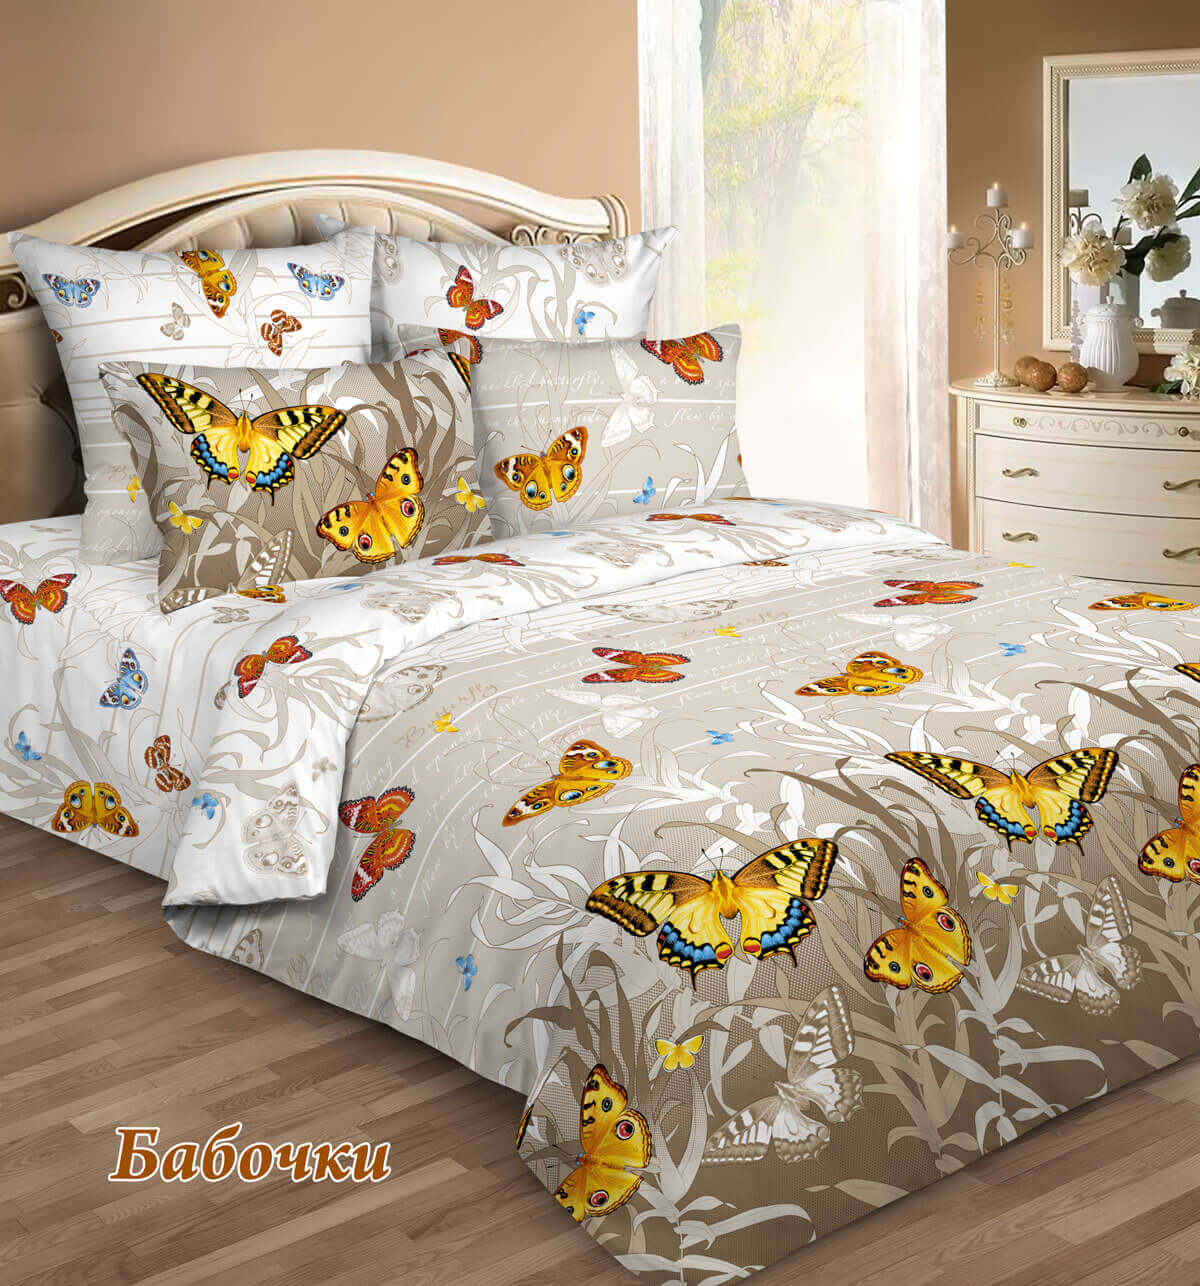 Фото 9 - Бабочки (9366).